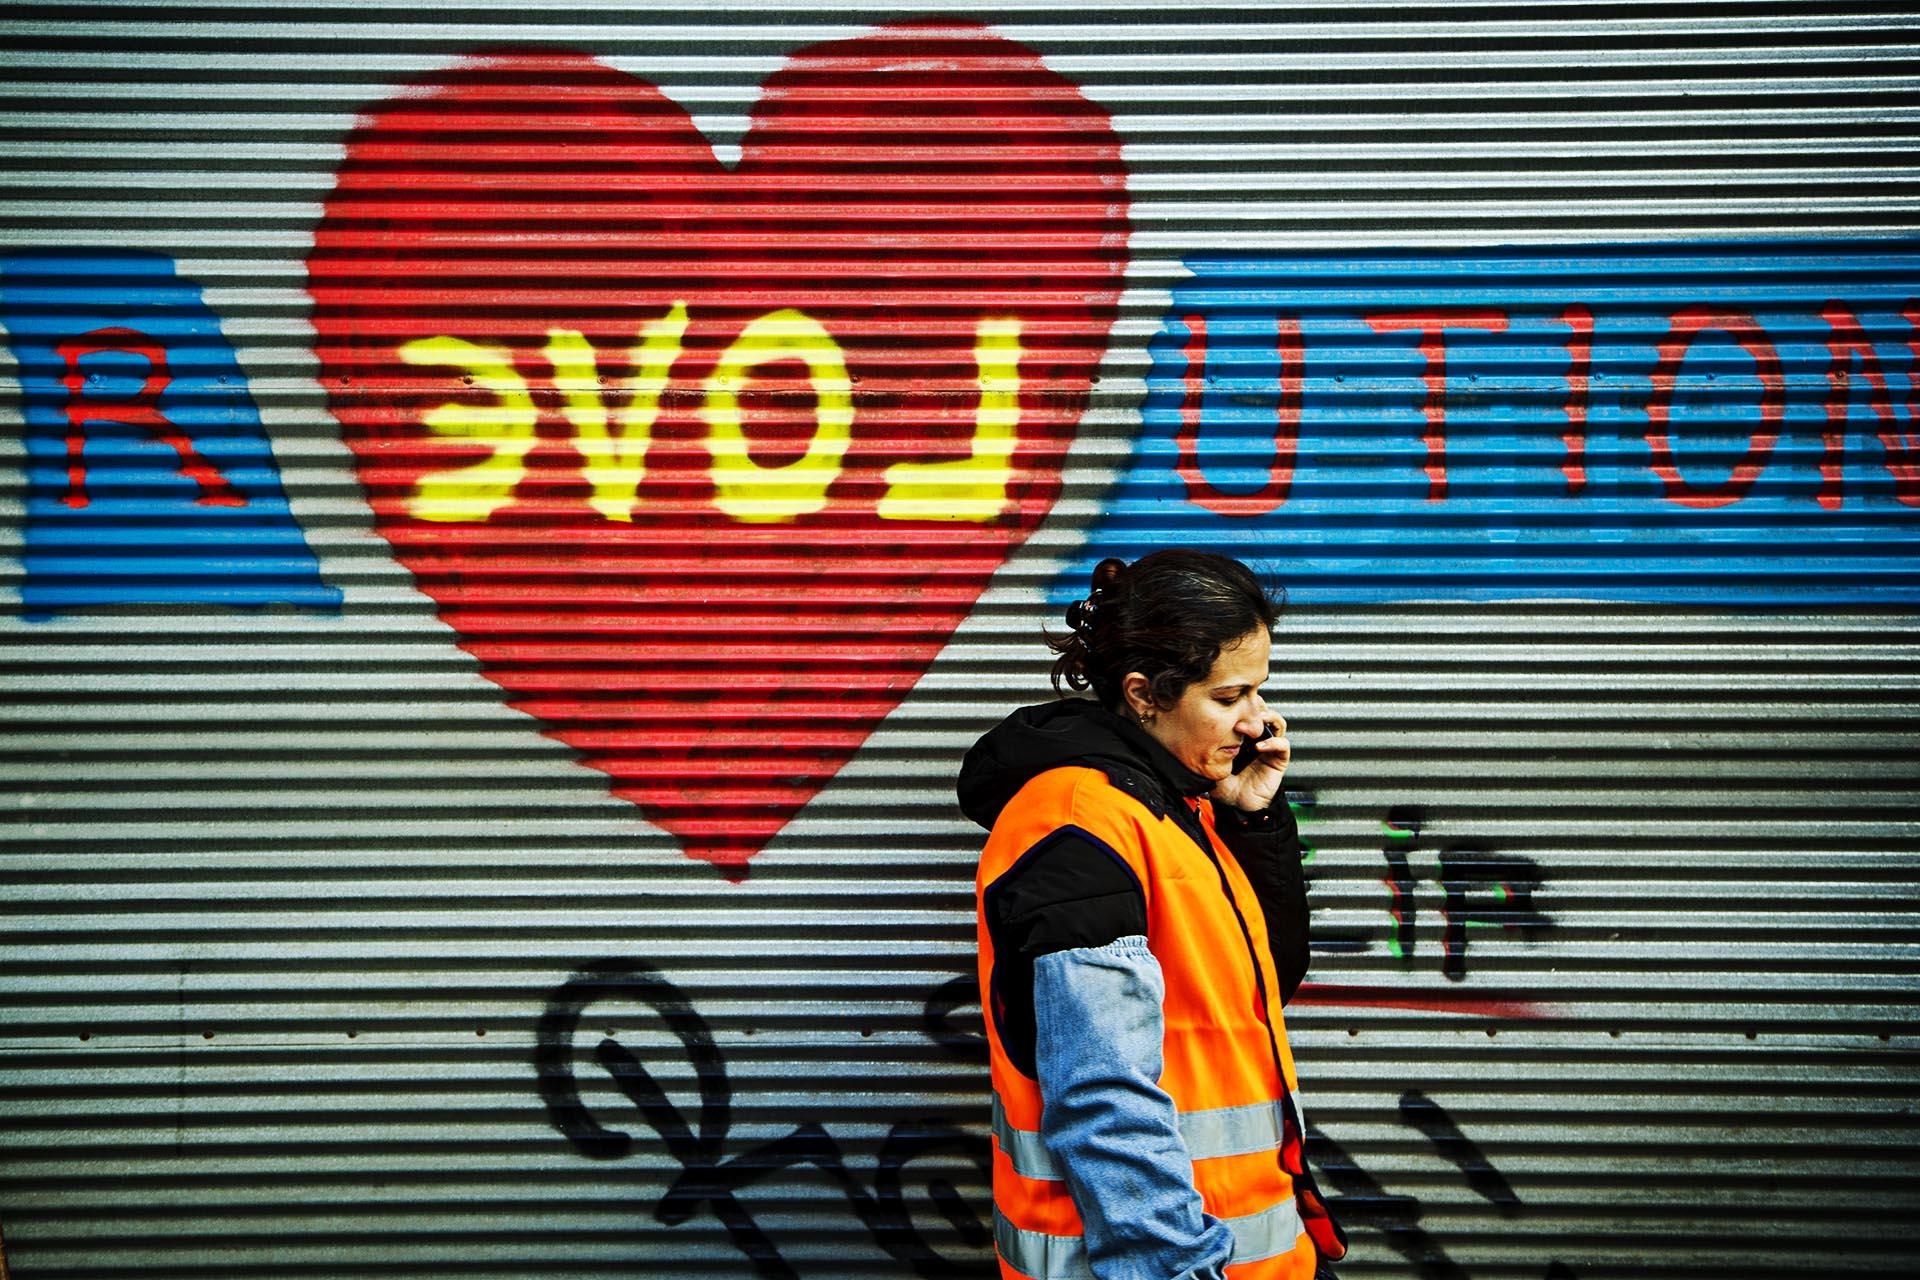 Exarchia ha sido el barrio más conflictivo de Atenas durante las protestas anti austeridad